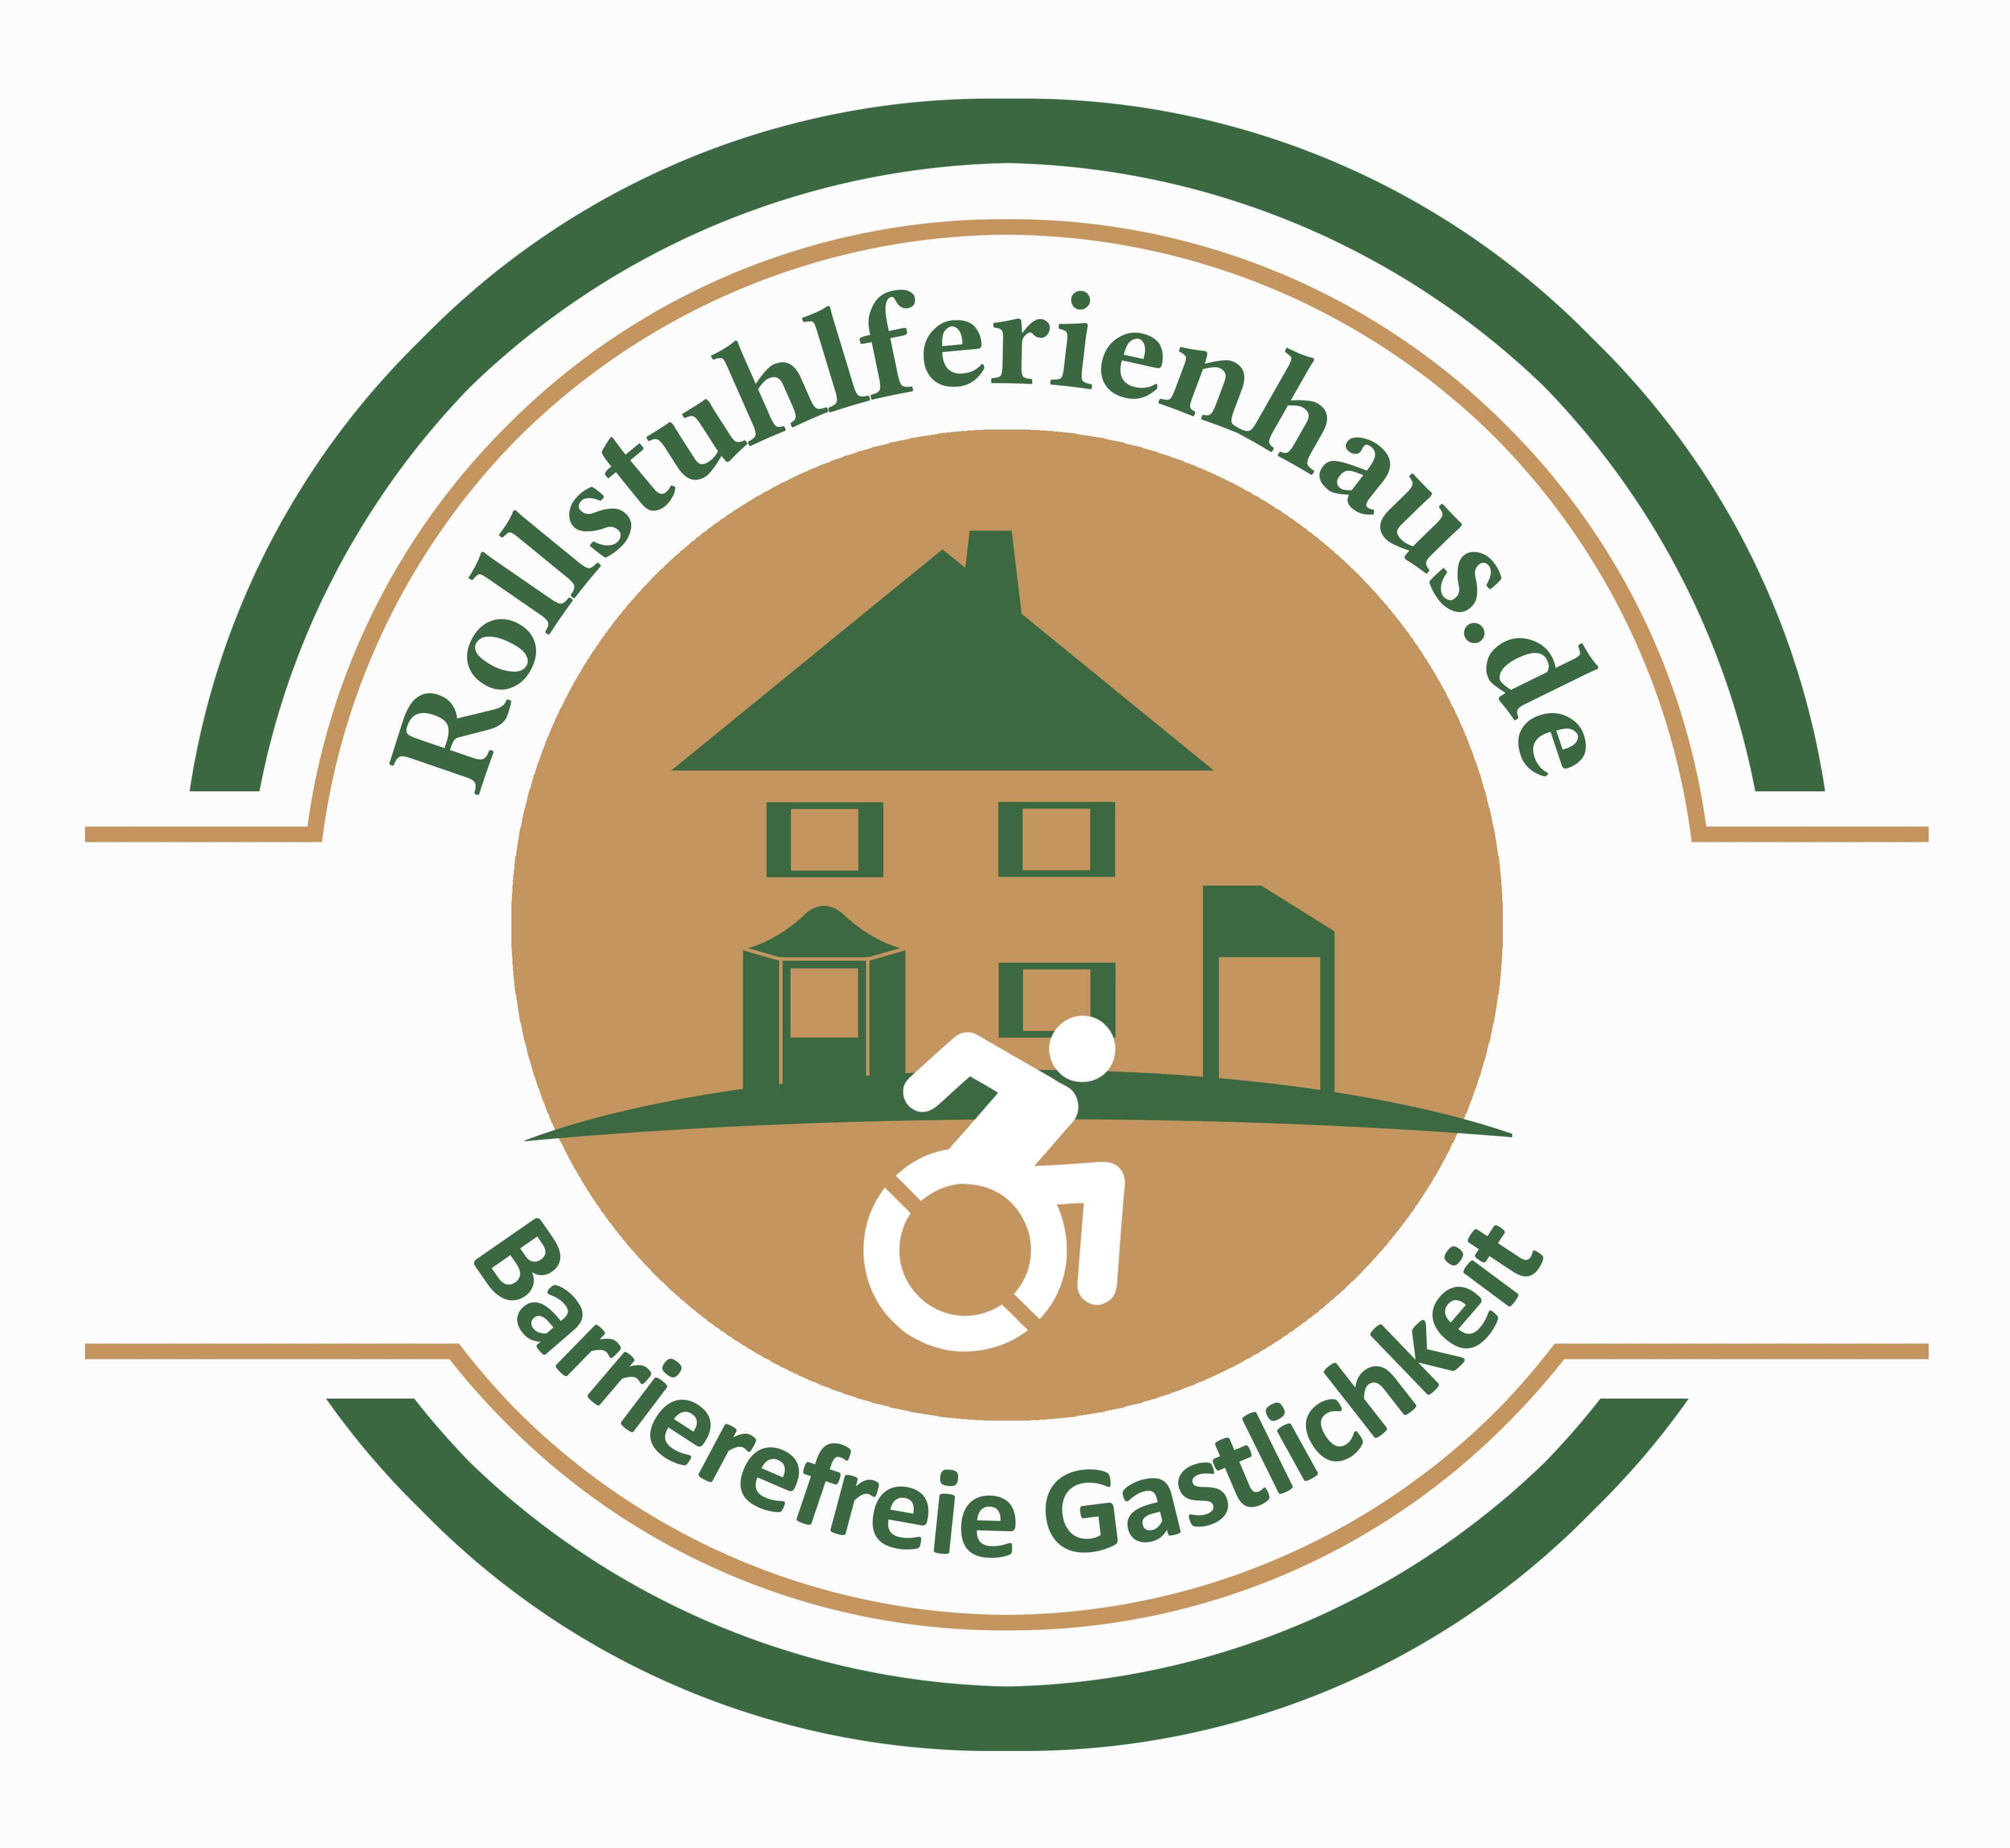 Rollstuhlferienhaus Logo